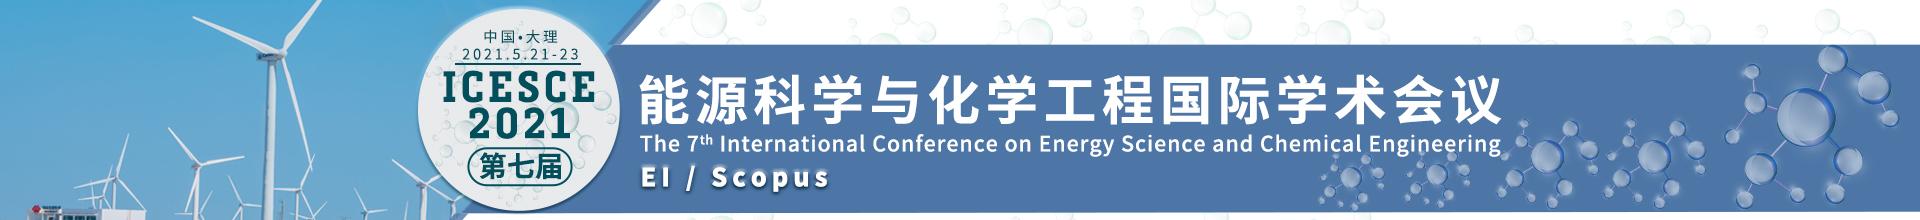 ICESCE 2021-学术会议云-何霞丽-1102.jpg